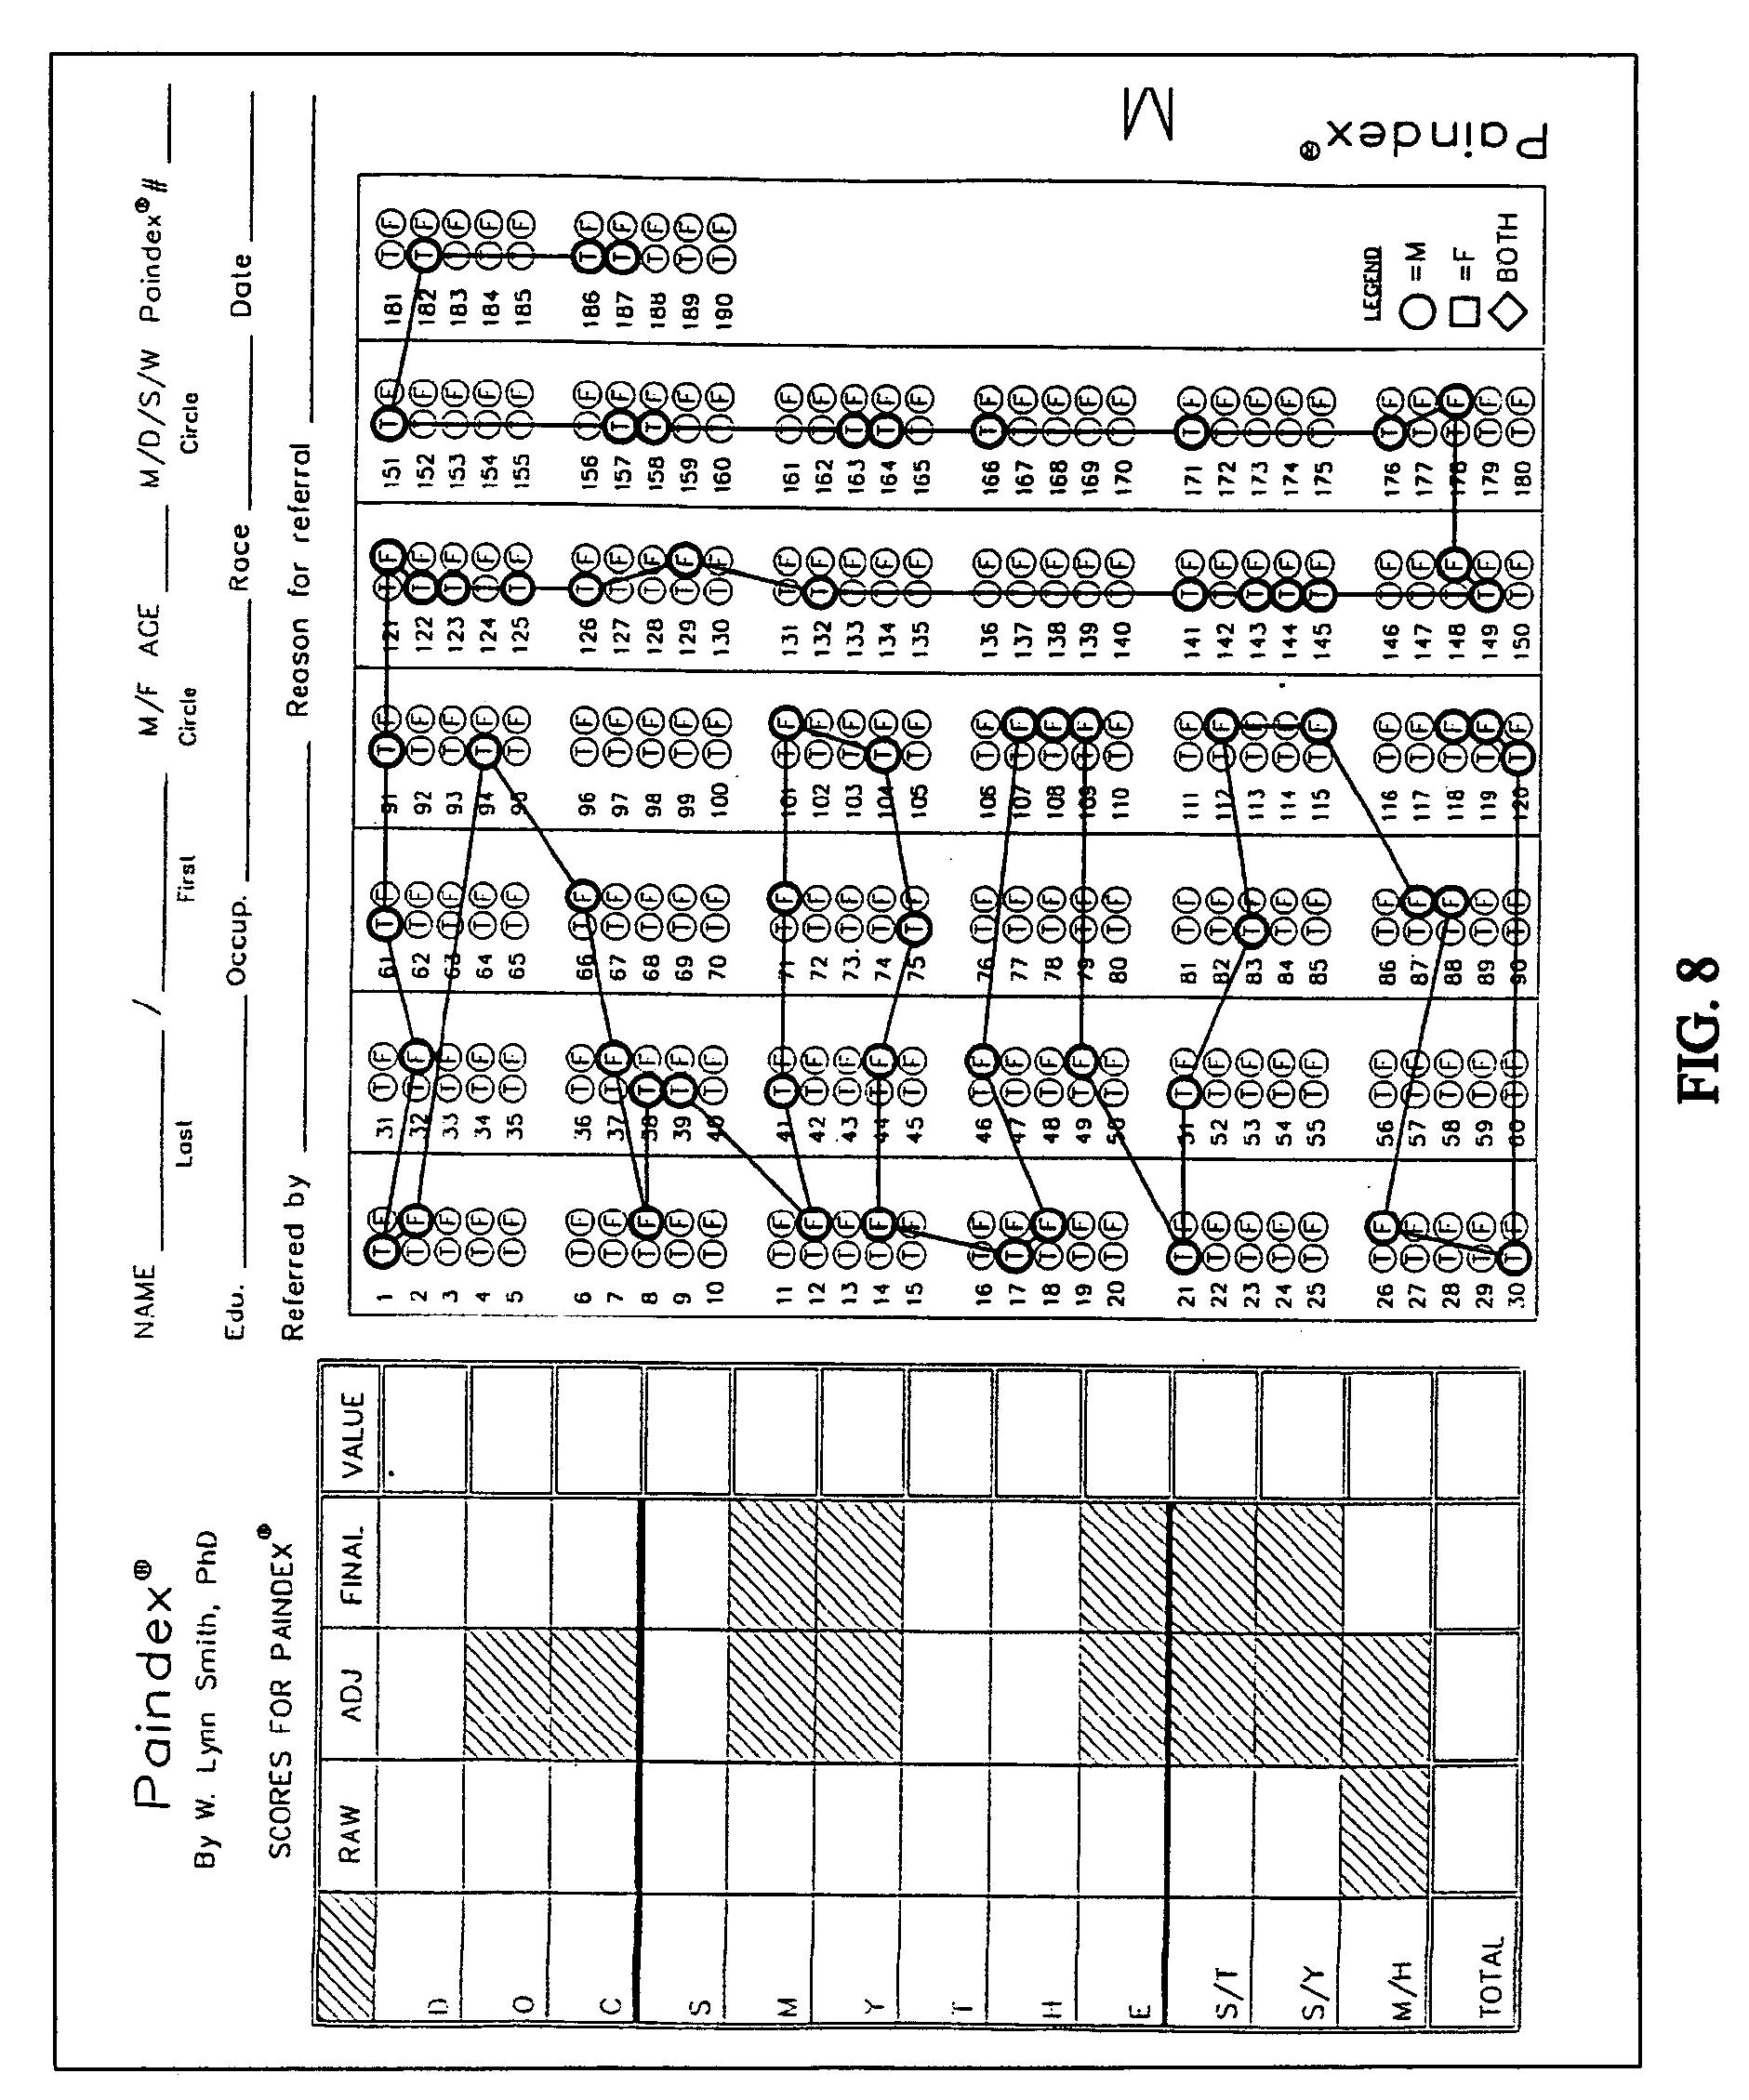 2001 Hyundai Accent Motor Diagram John Deere 5420 Wiring Diagram